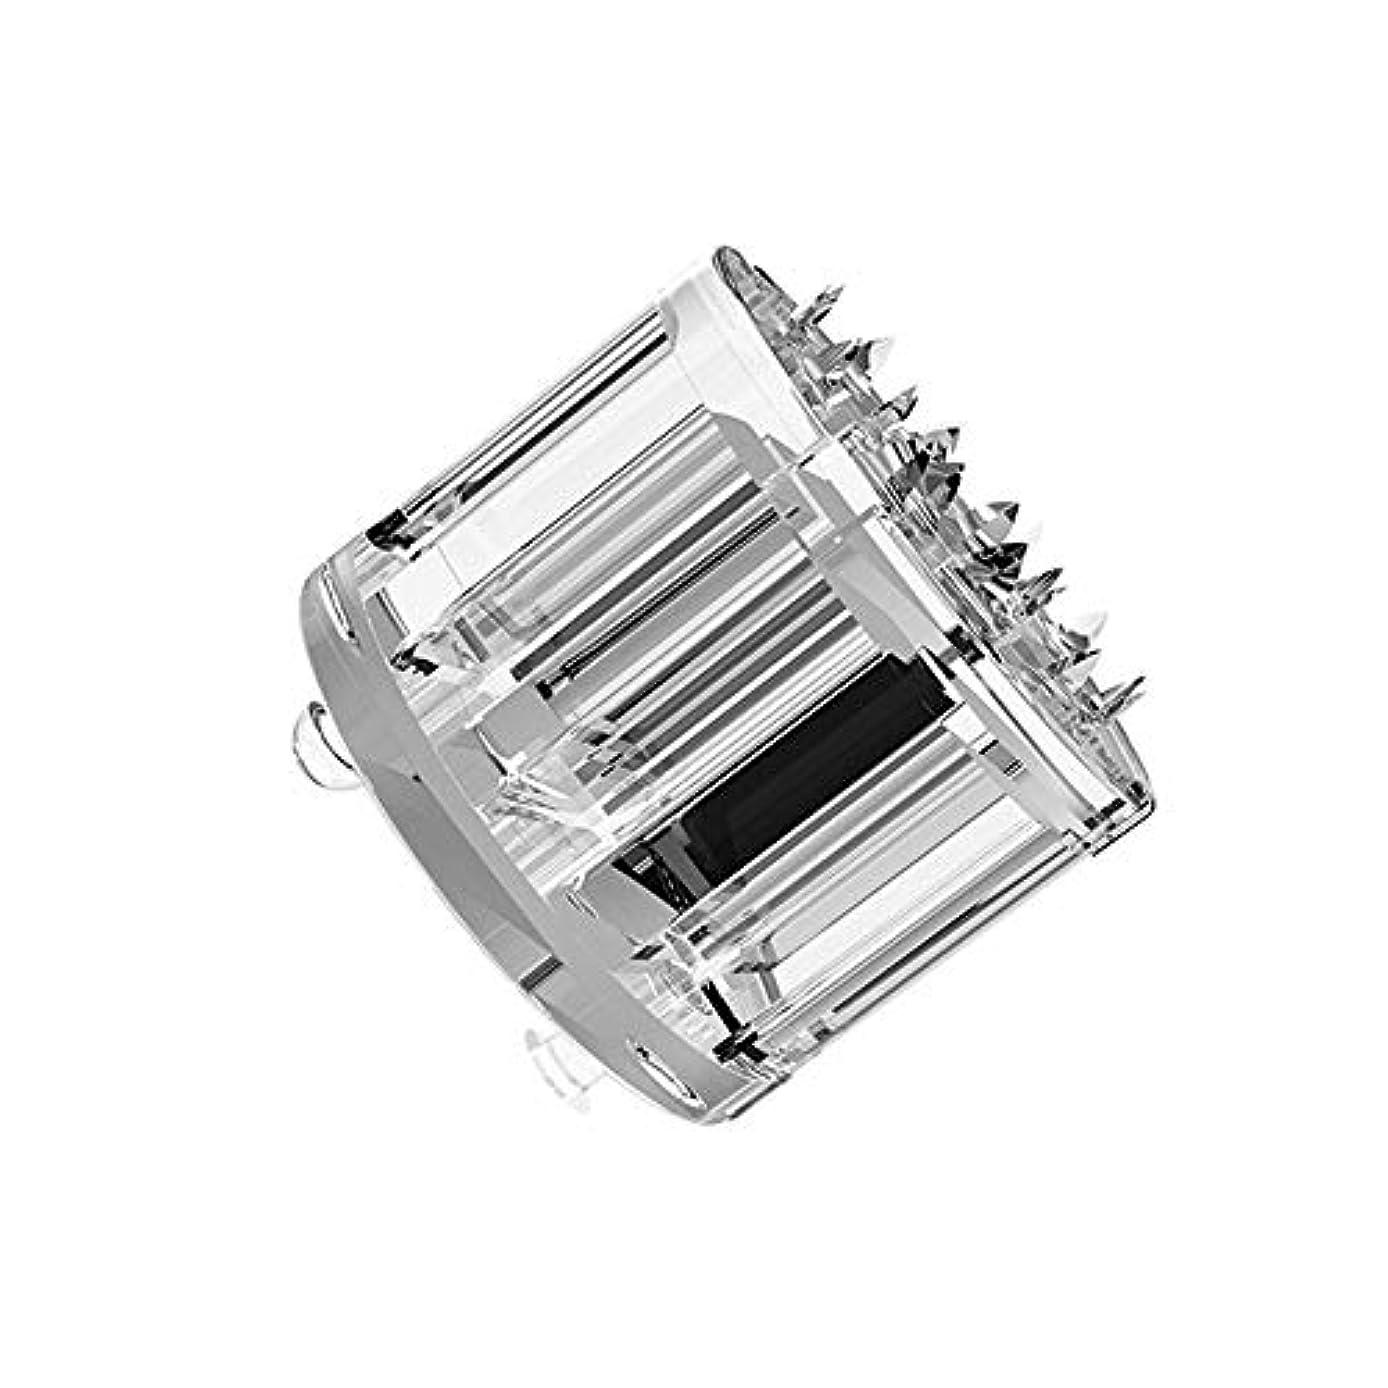 注意免除おMTS Home Care Micro pin-10ea (ticktok用) ティク ホームケア マイクロピン 化粧品の浸透 コラーゲン 肌の弾力 アップ マイクロピン 毛穴や小じわ 角質ケア